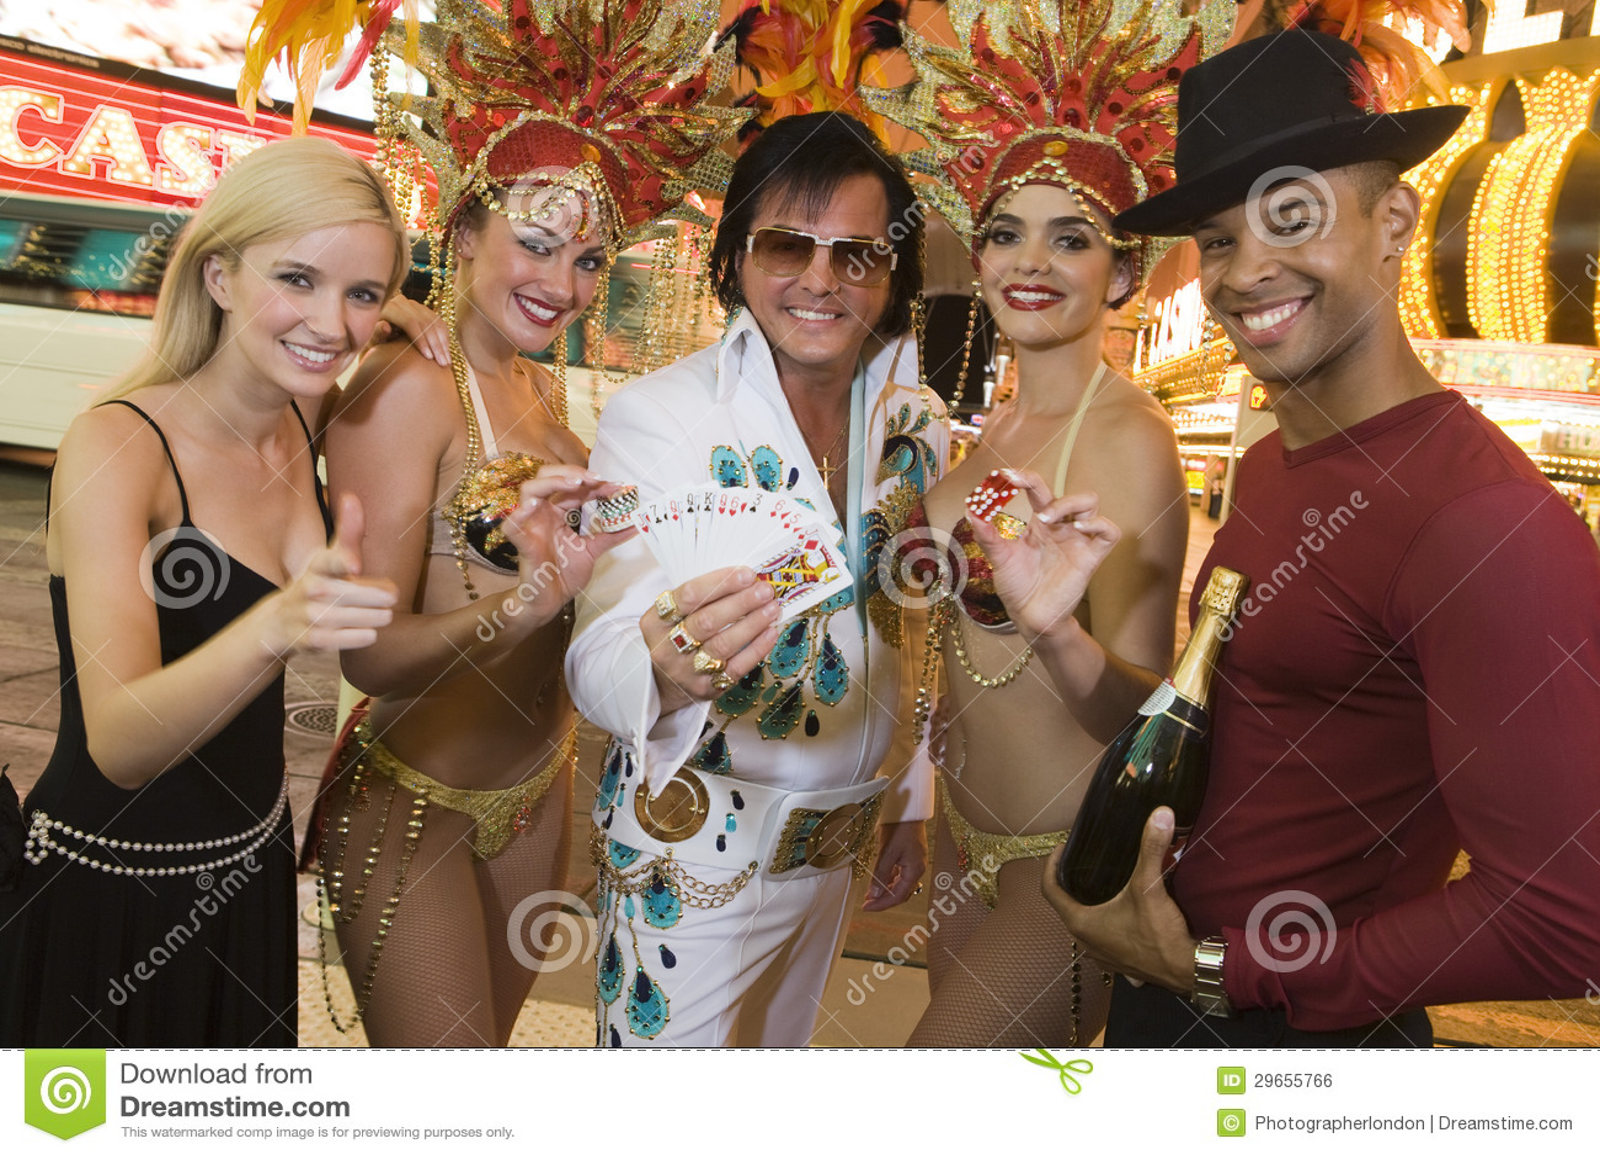 Friends casino